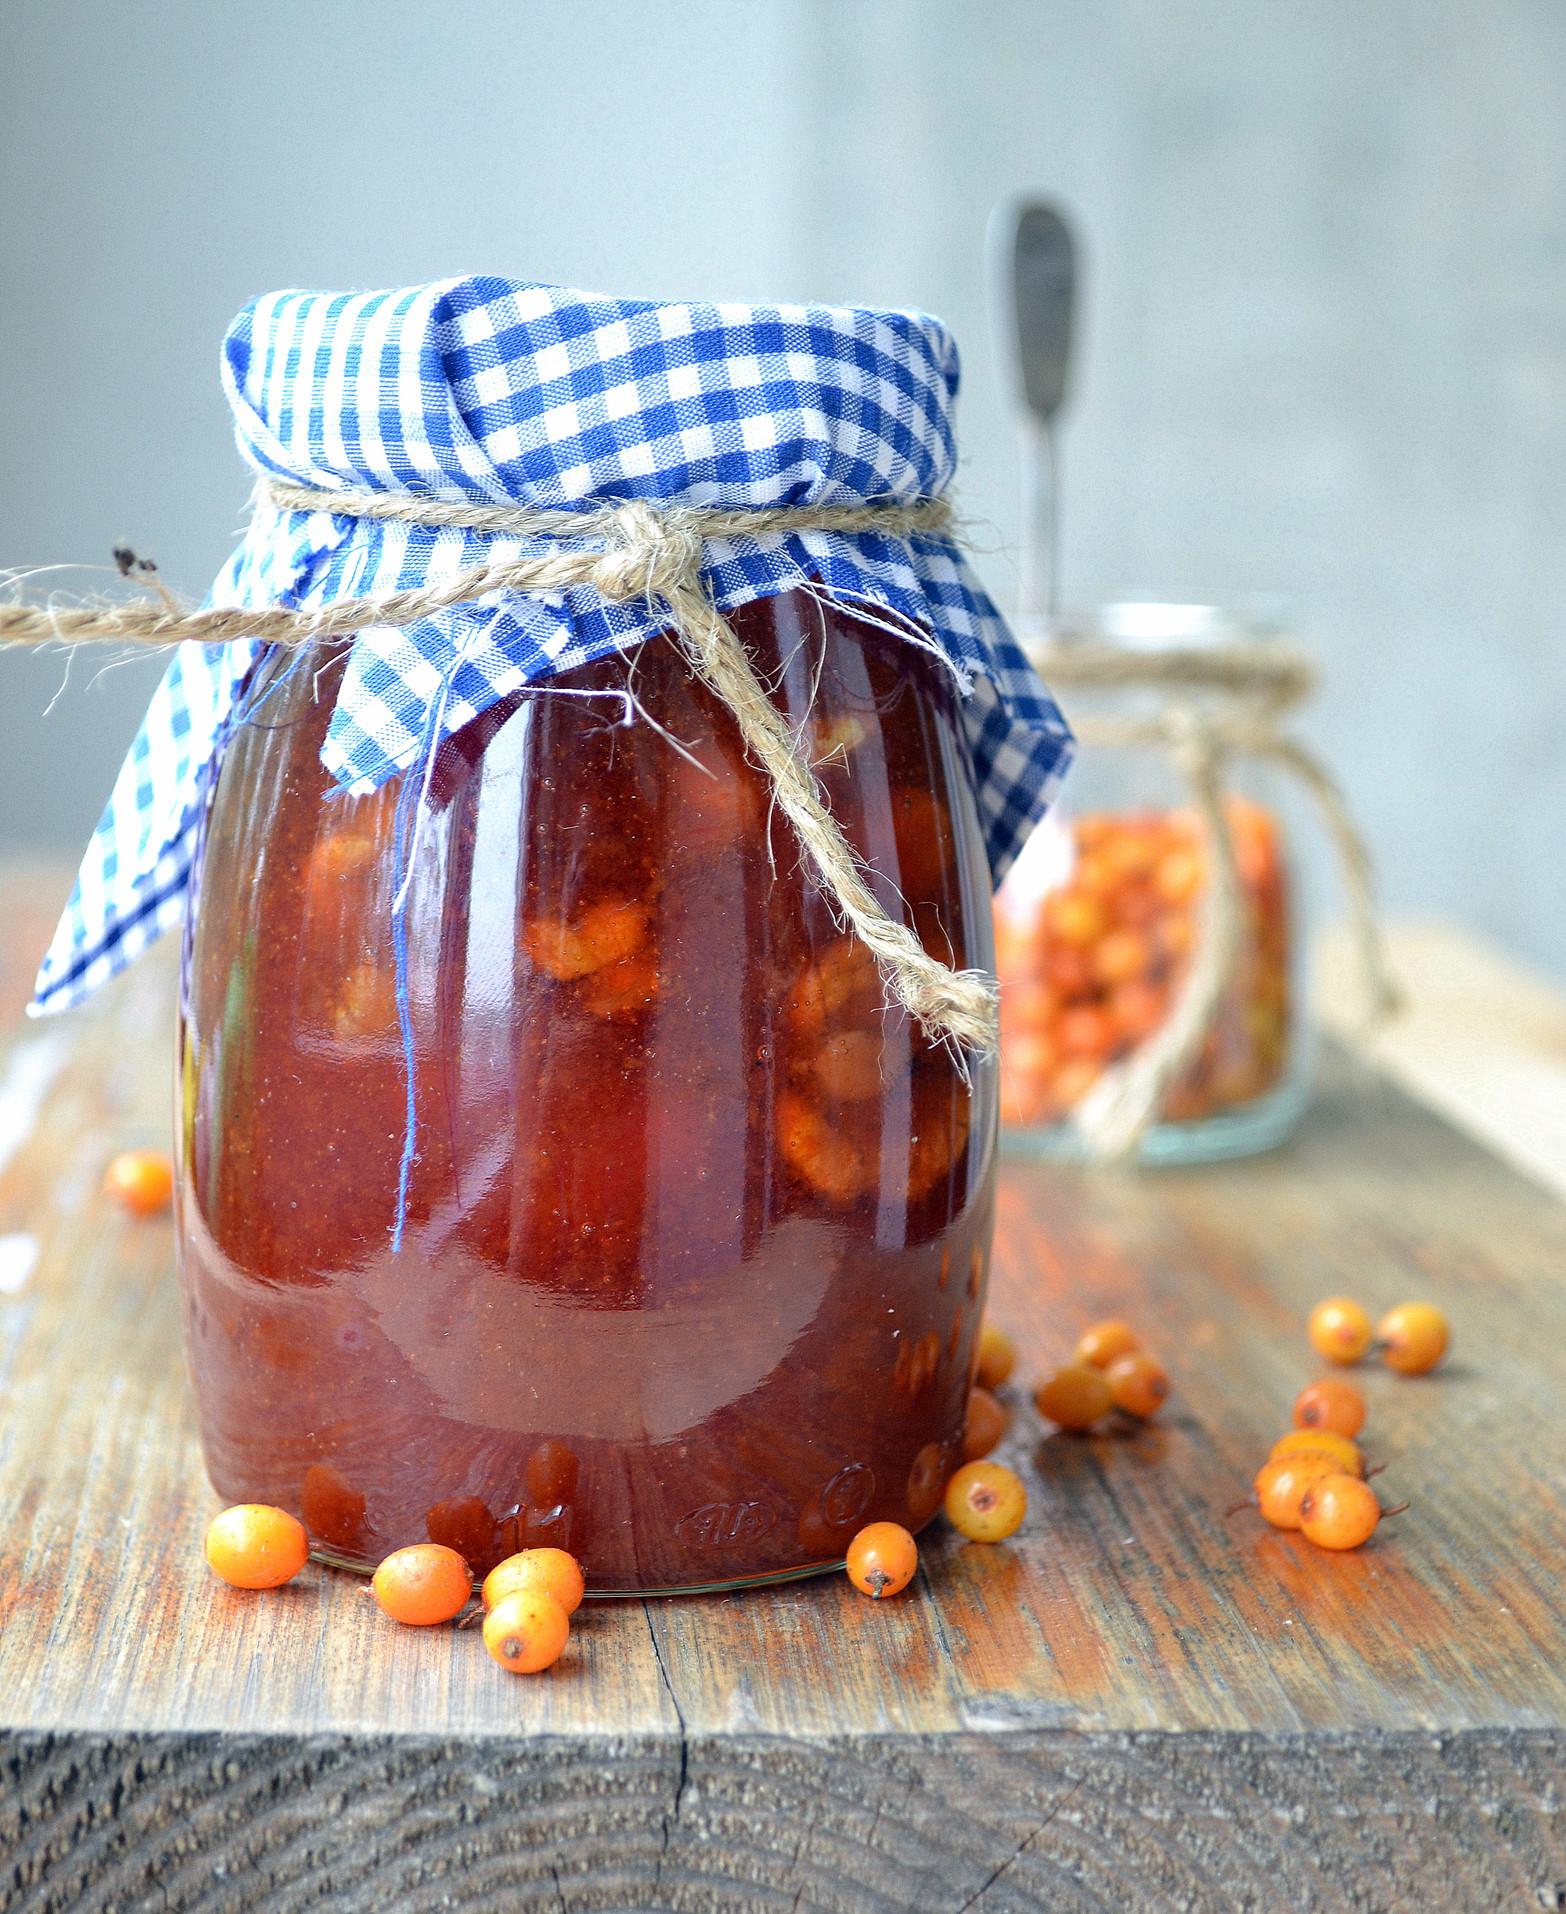 Компот из облепихи и яблок: 6 лучших рецептов приготовления на зиму